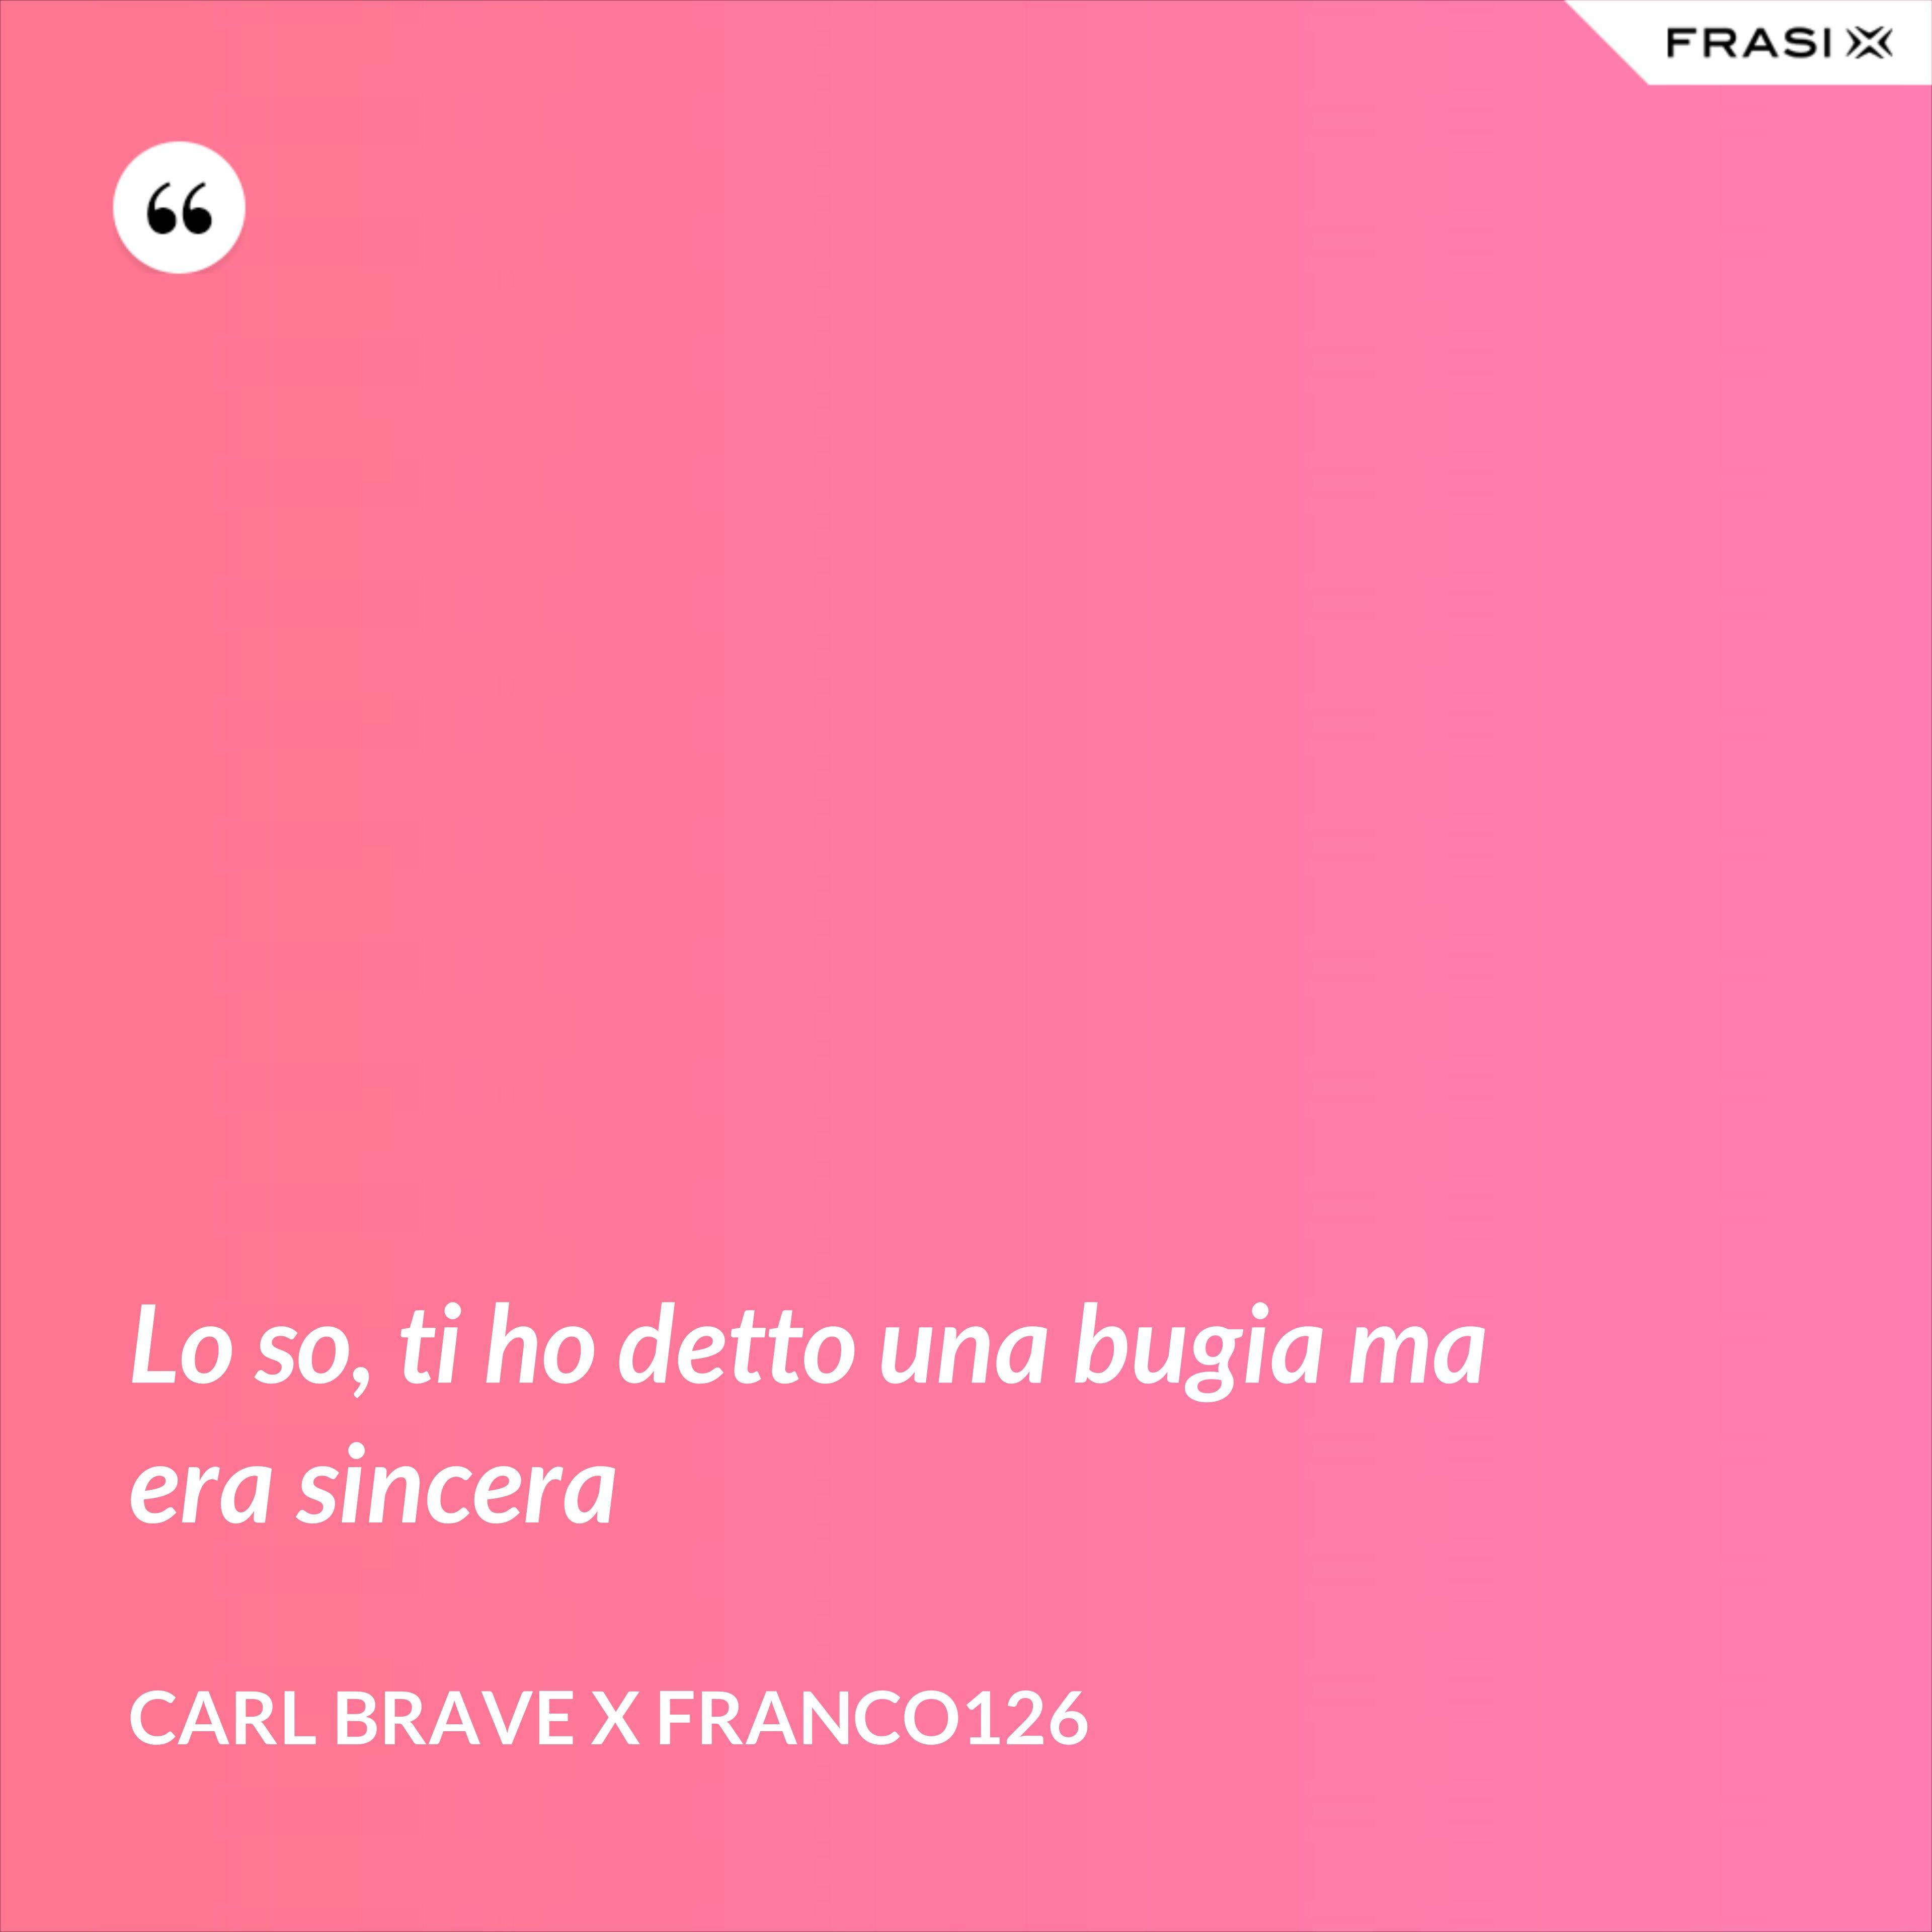 Lo so, ti ho detto una bugia ma era sincera - Carl Brave X Franco126